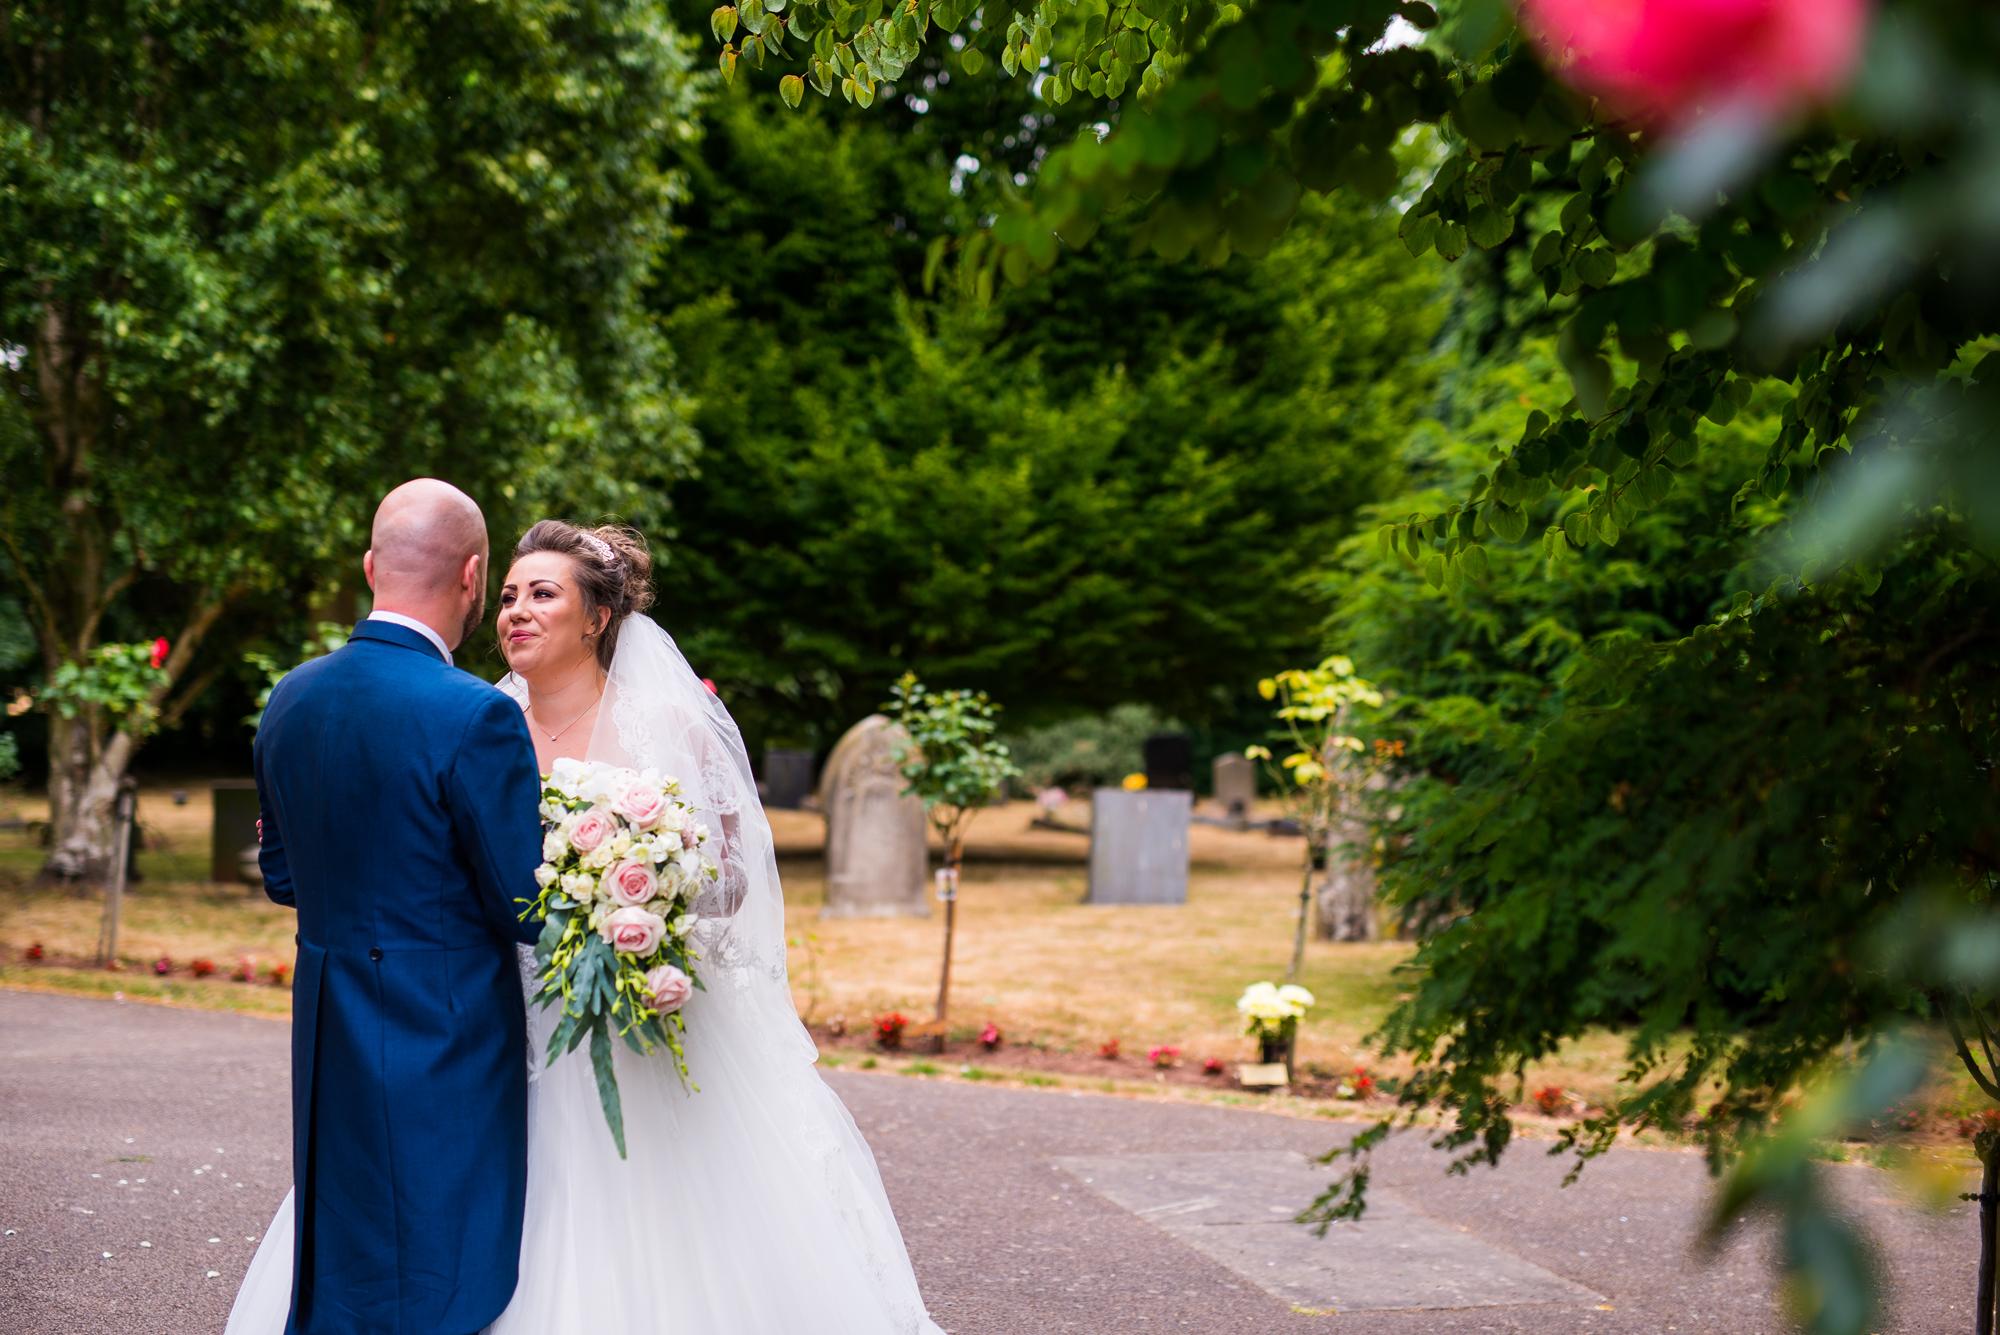 Roise and John wedding photos (183 of 383).jpg